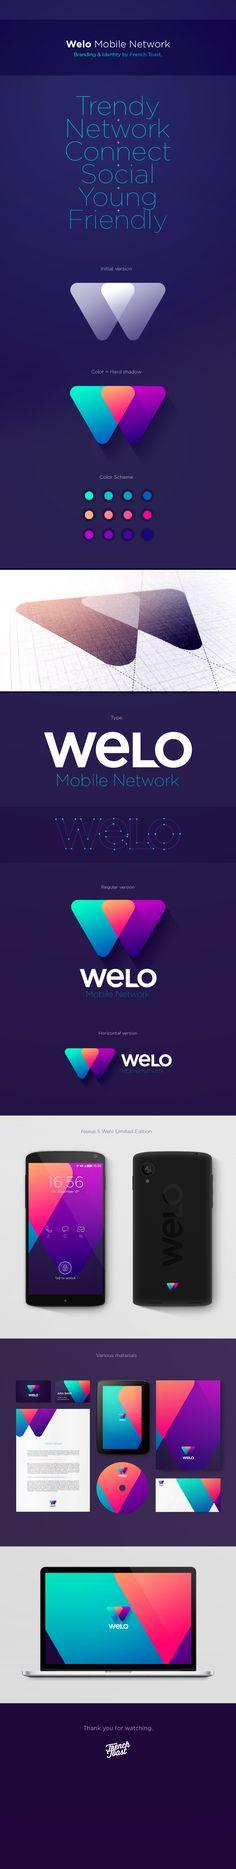 Welo - Corporate identity